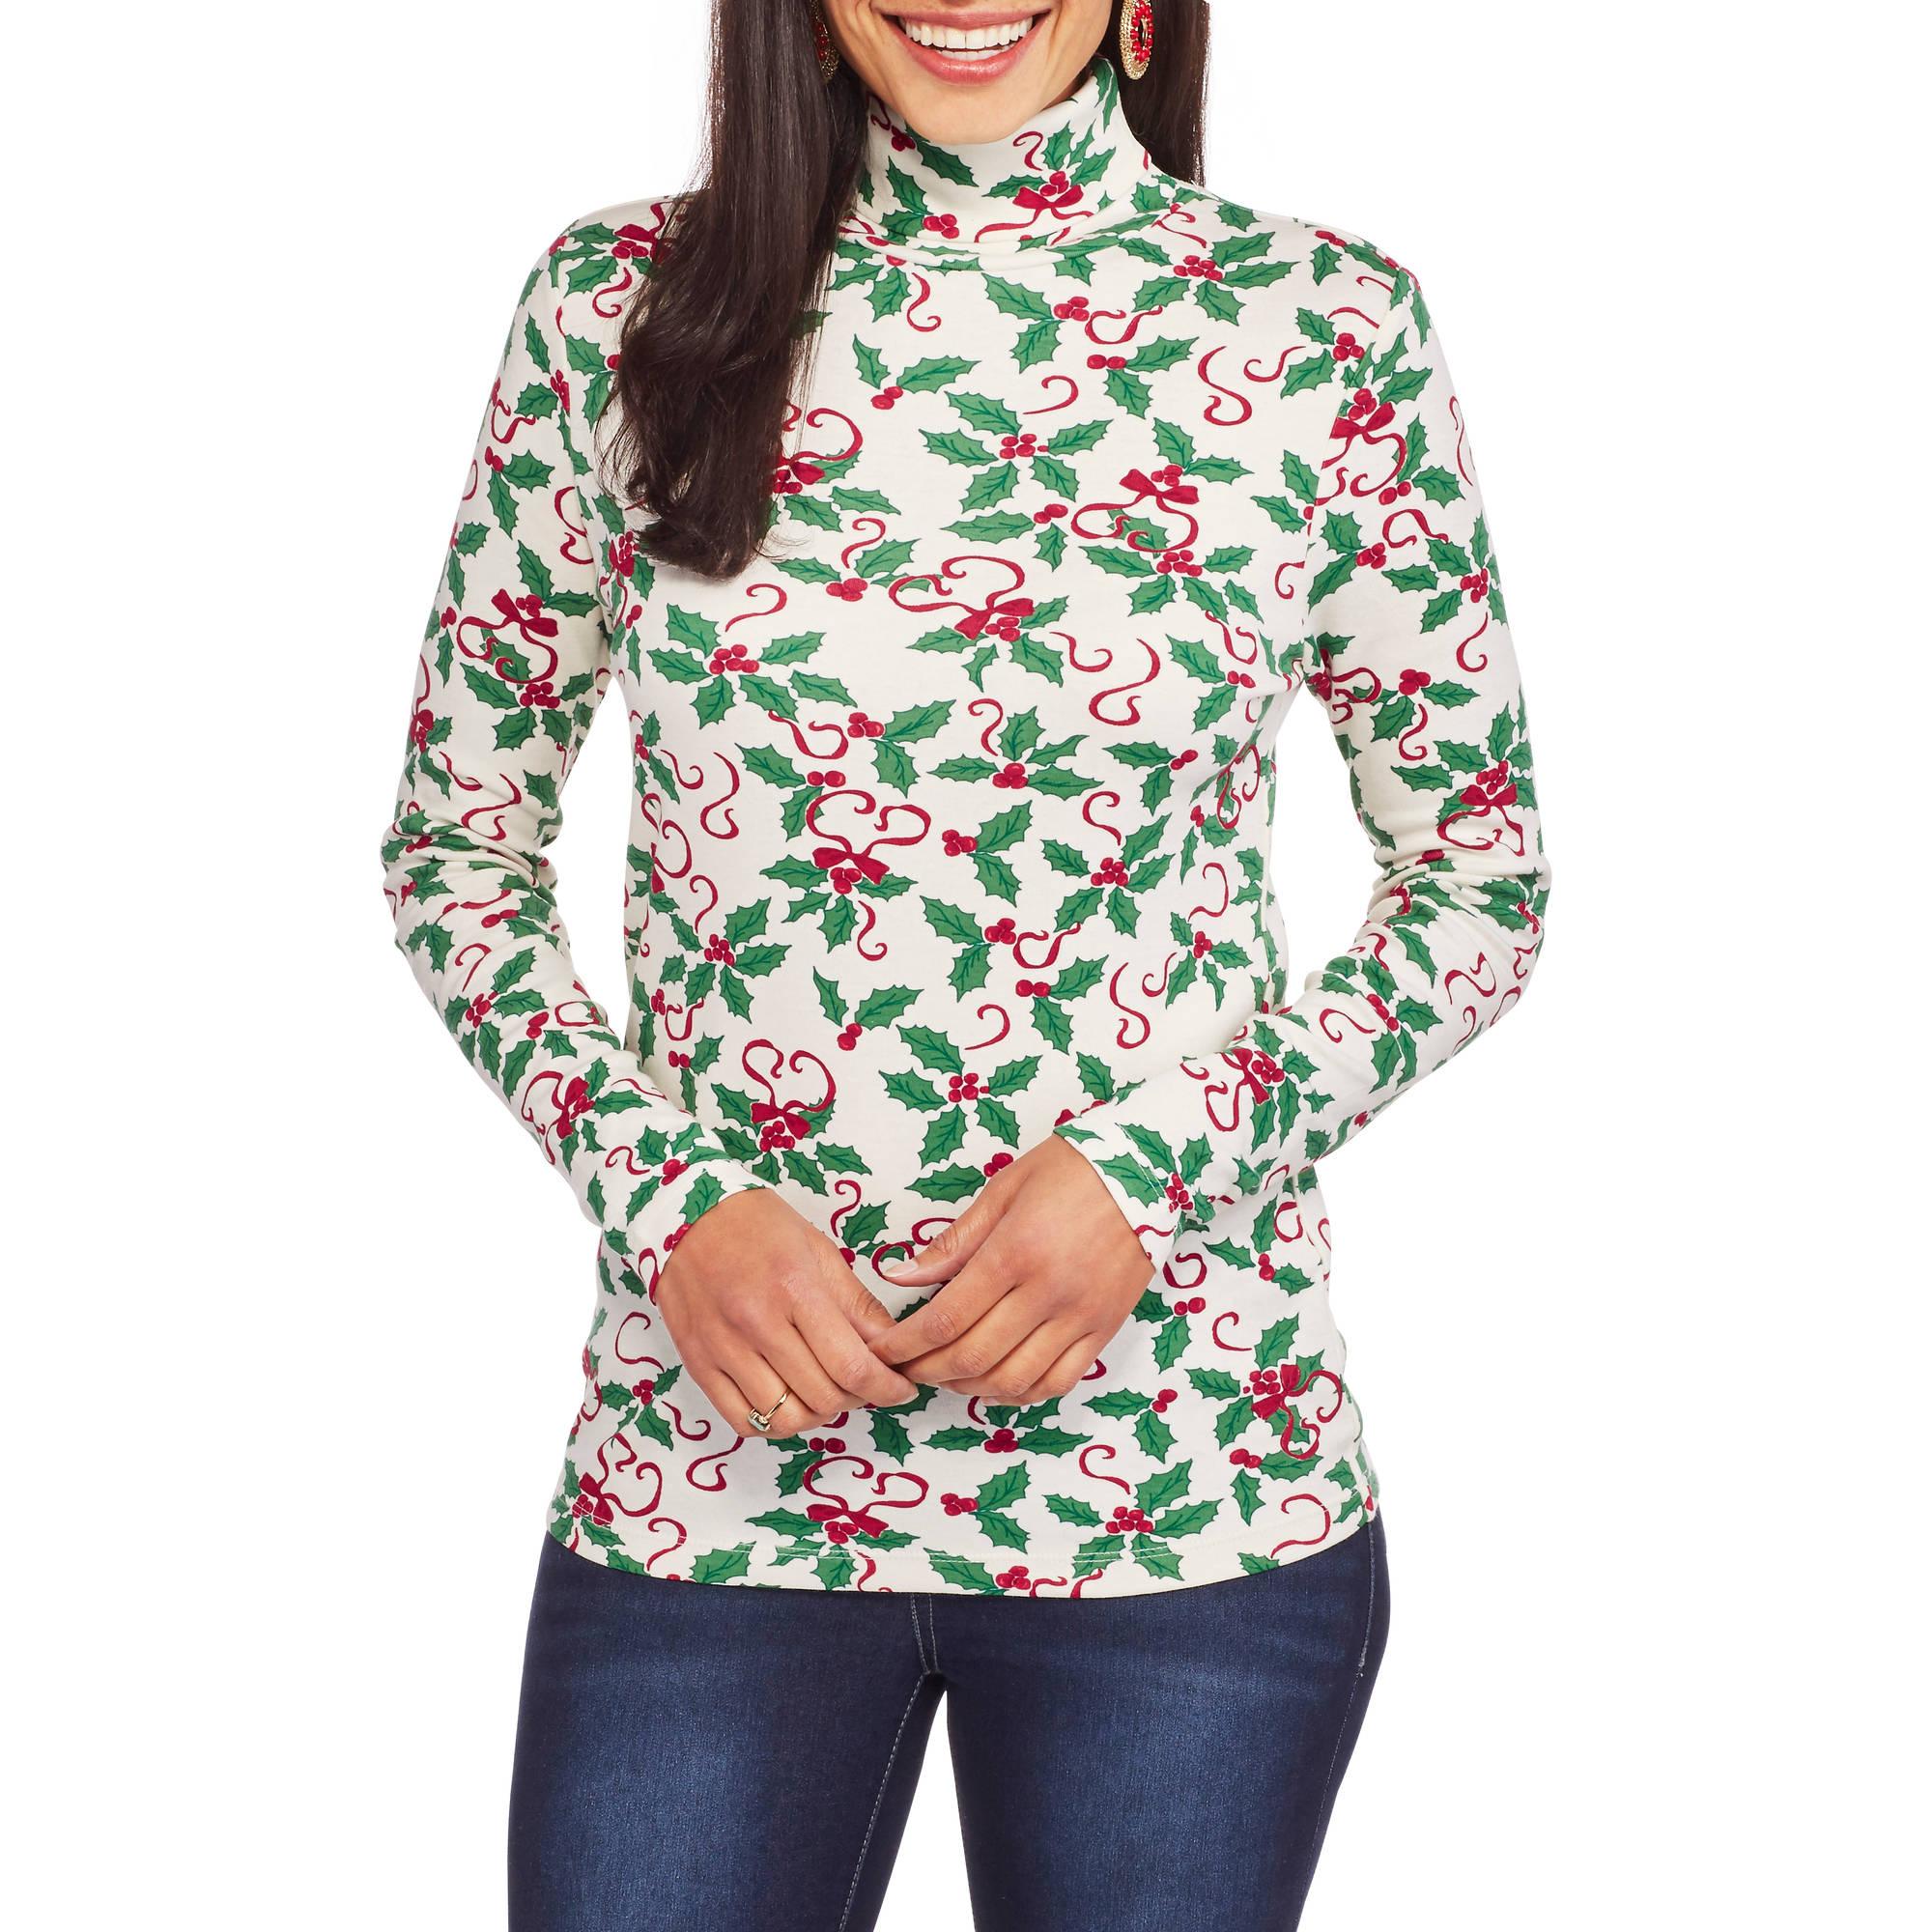 White Stag Women's Long Sleeve Festive Christmas Turtleneck T-Shirt